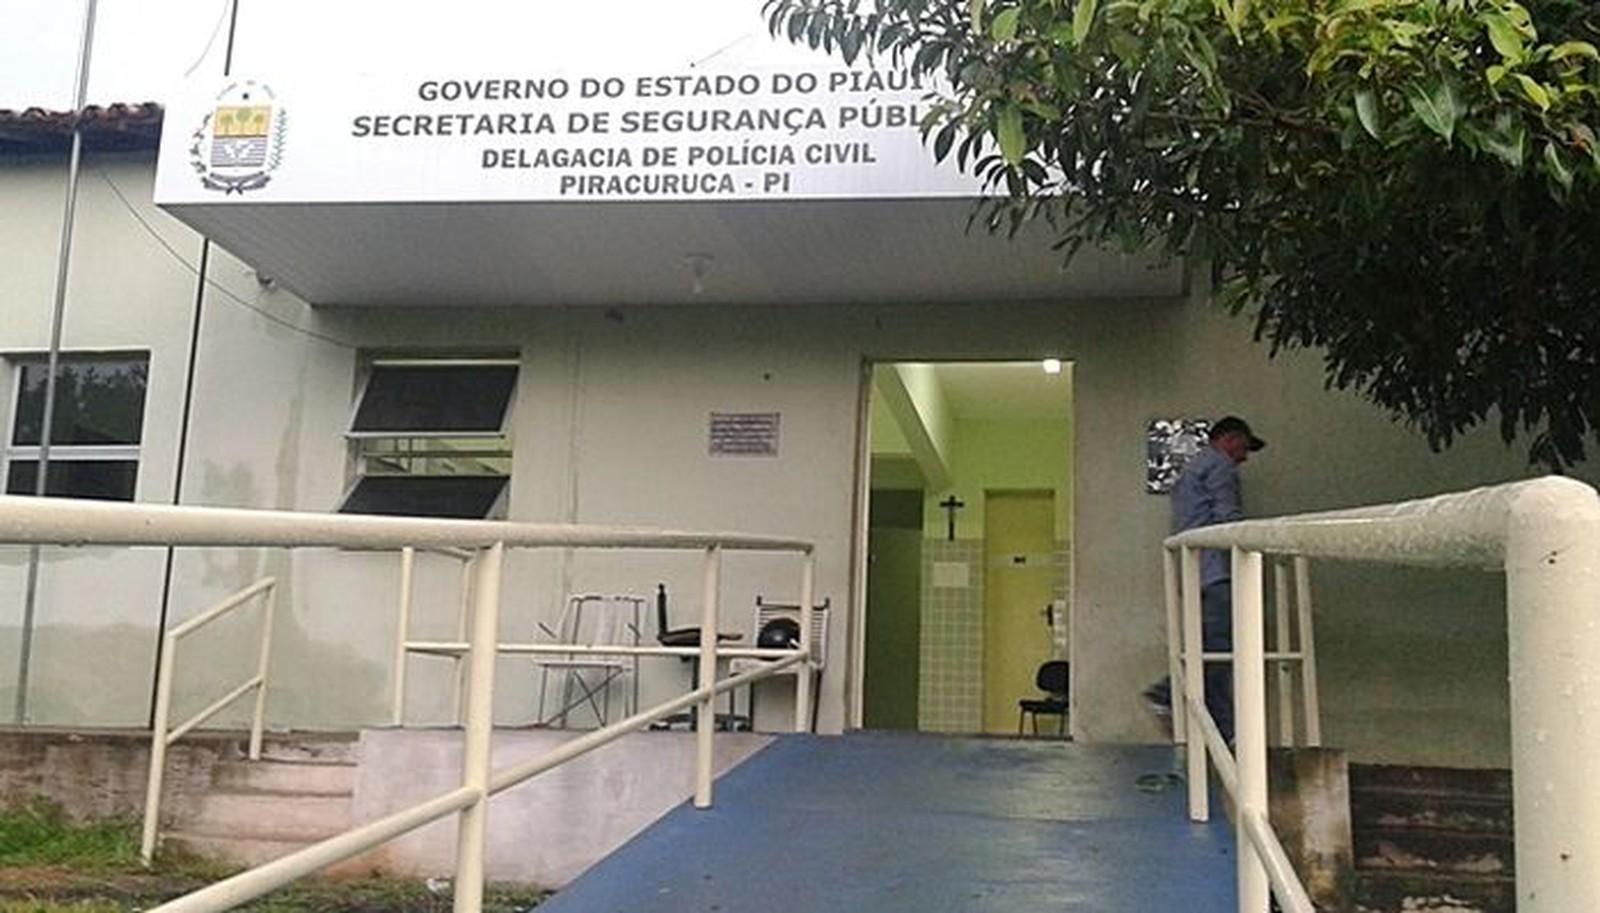 Acusado de estuprar adolescente de 13 anos é preso pela Polícia Civil na cidade de Piracuruca